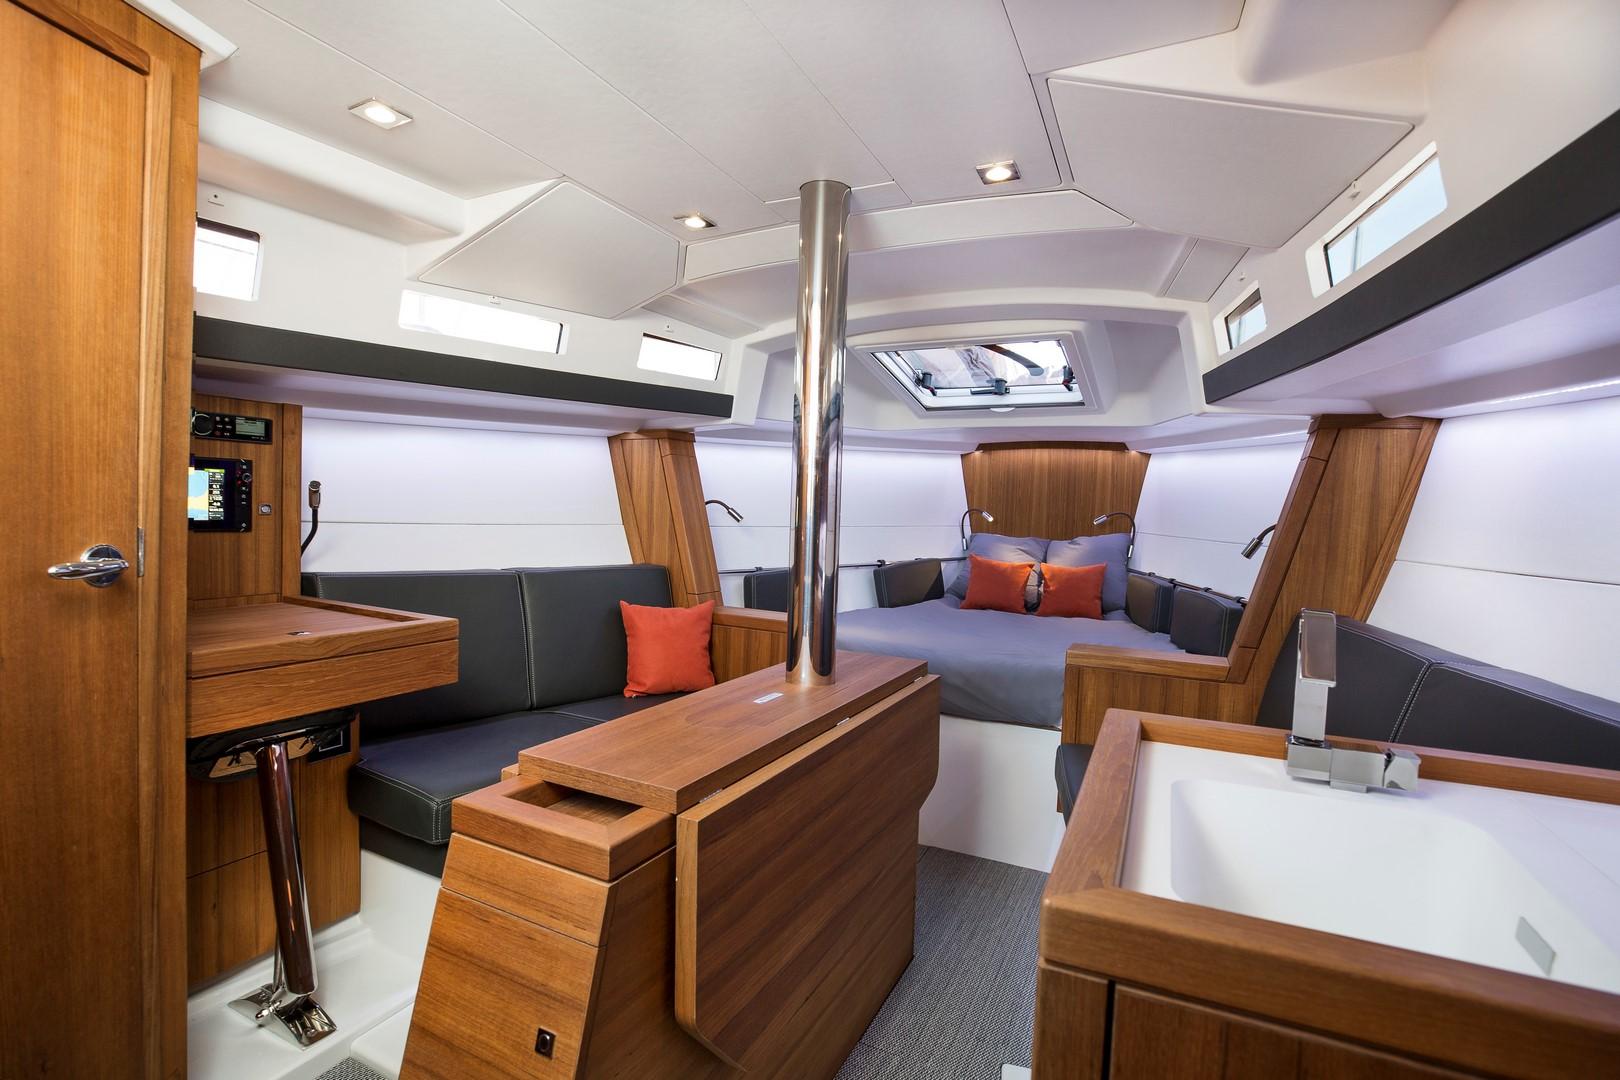 Helles Ambiente und Wohnkomfort für mehr als nur Campingsegeln: Das Interieur der neuen Tofinou10